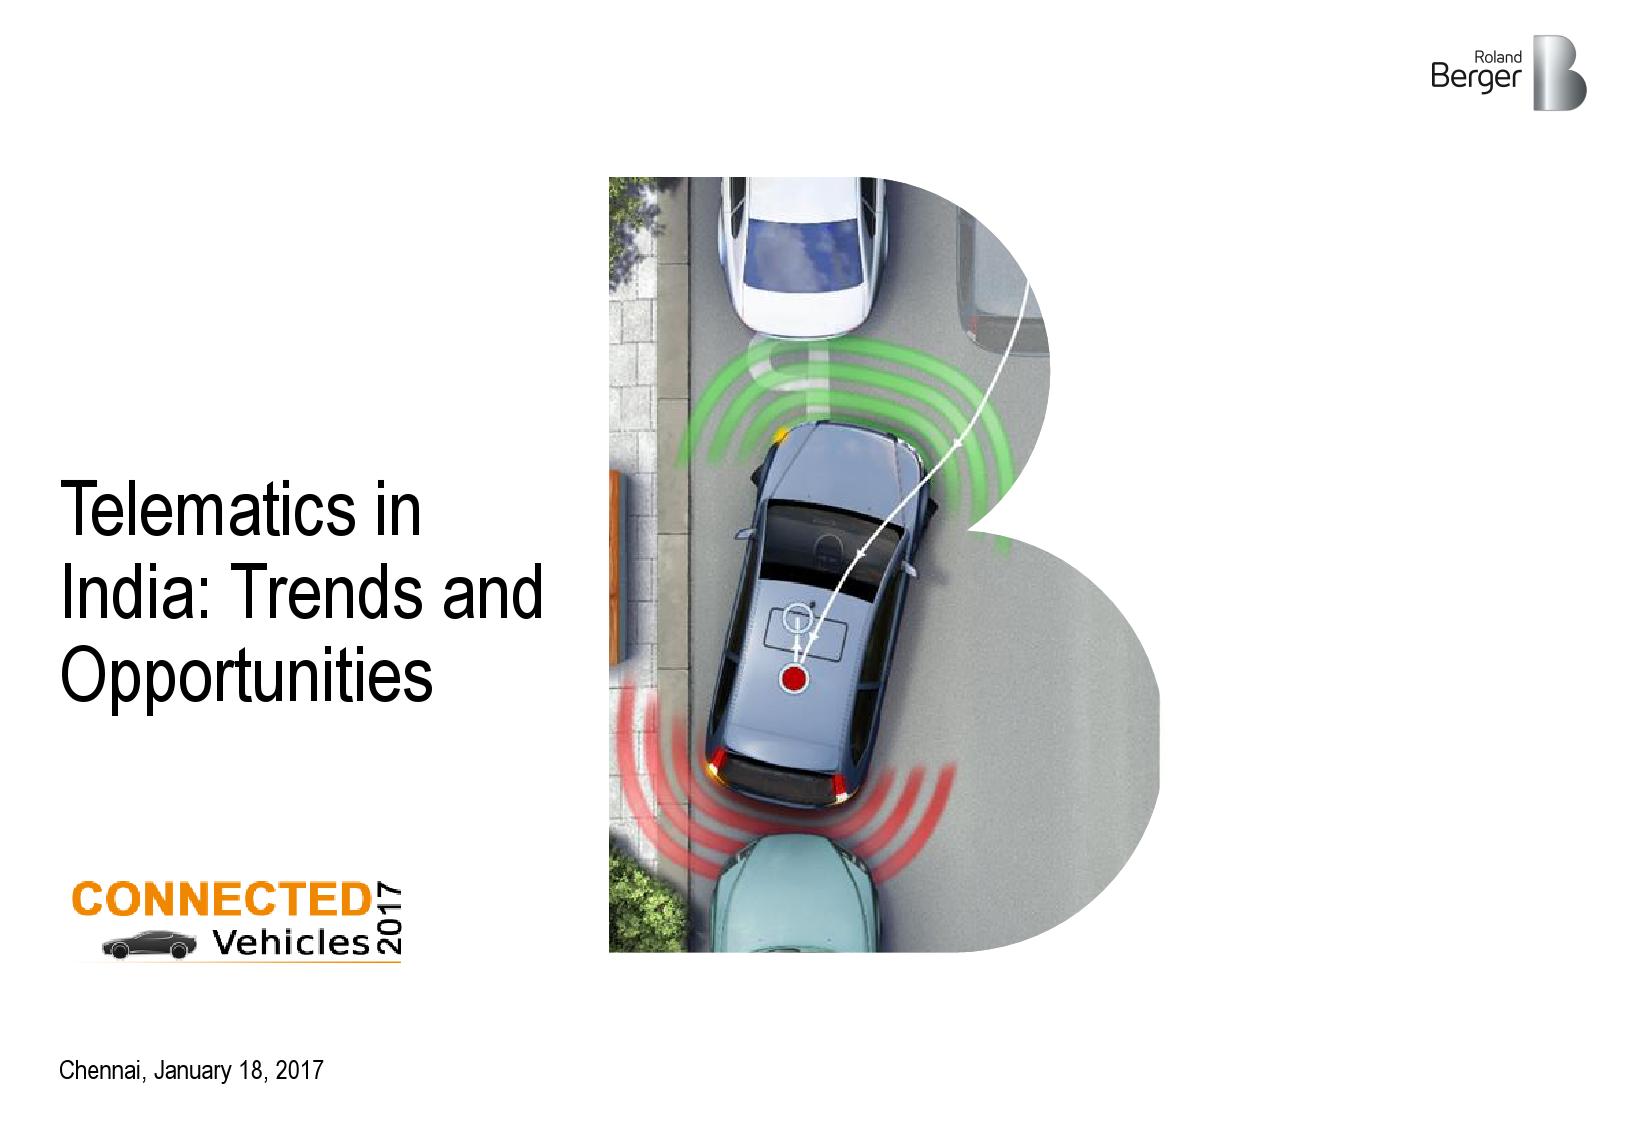 罗兰贝格:2017印度汽车电子市场机会研究(附下载)